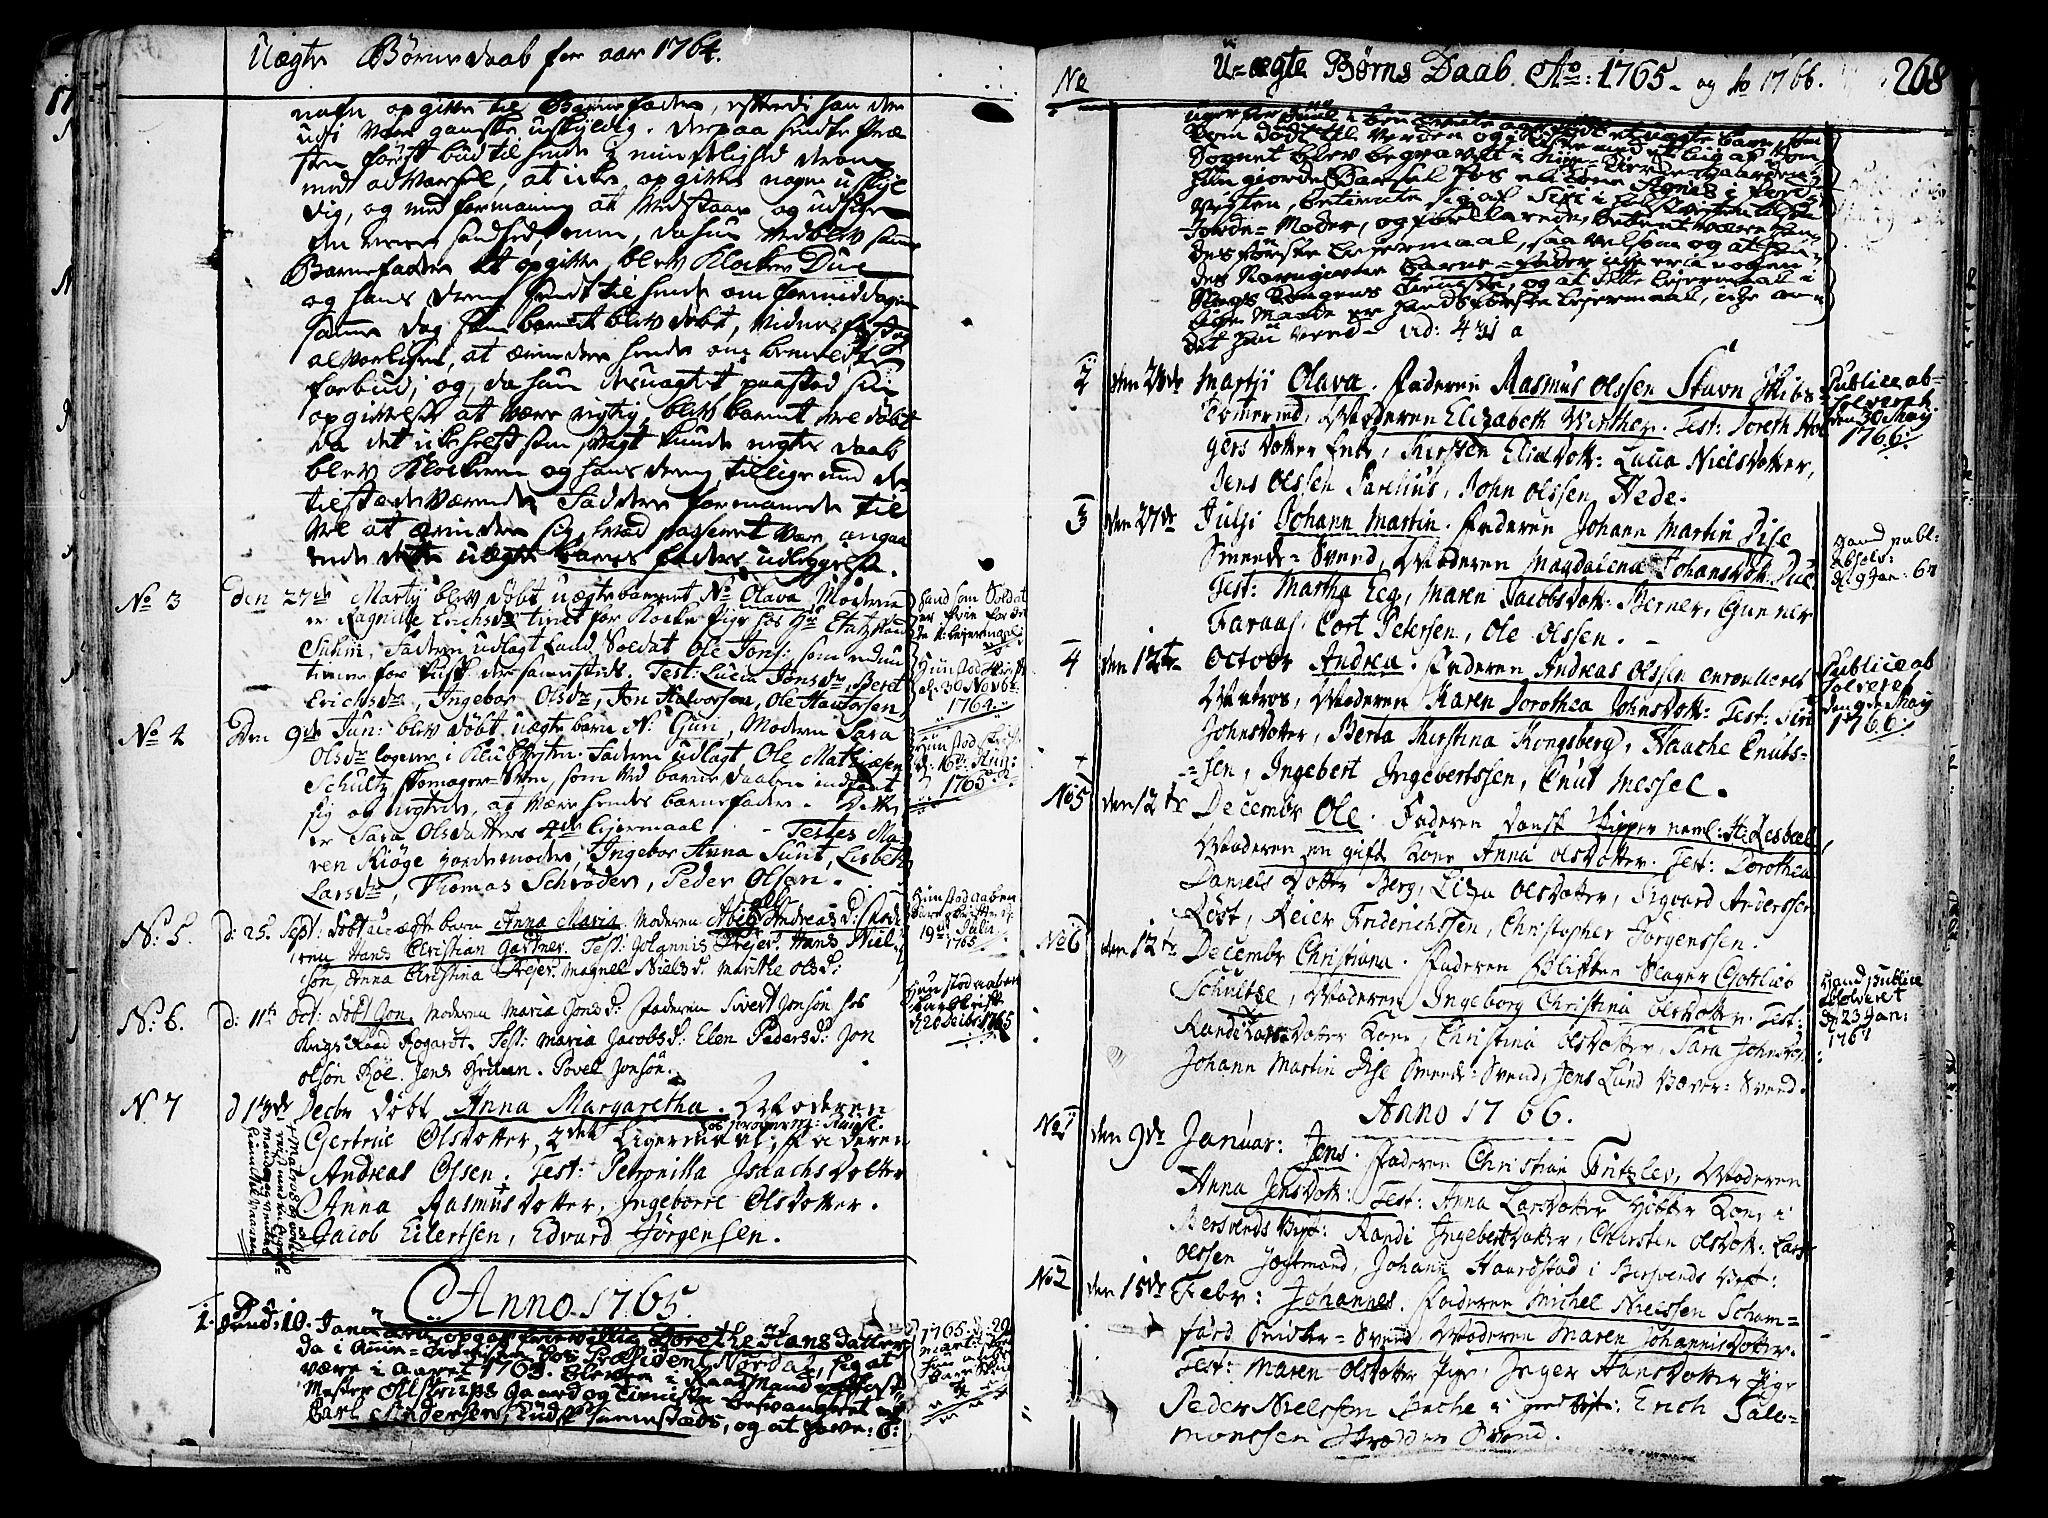 SAT, Ministerialprotokoller, klokkerbøker og fødselsregistre - Sør-Trøndelag, 602/L0103: Ministerialbok nr. 602A01, 1732-1774, s. 268